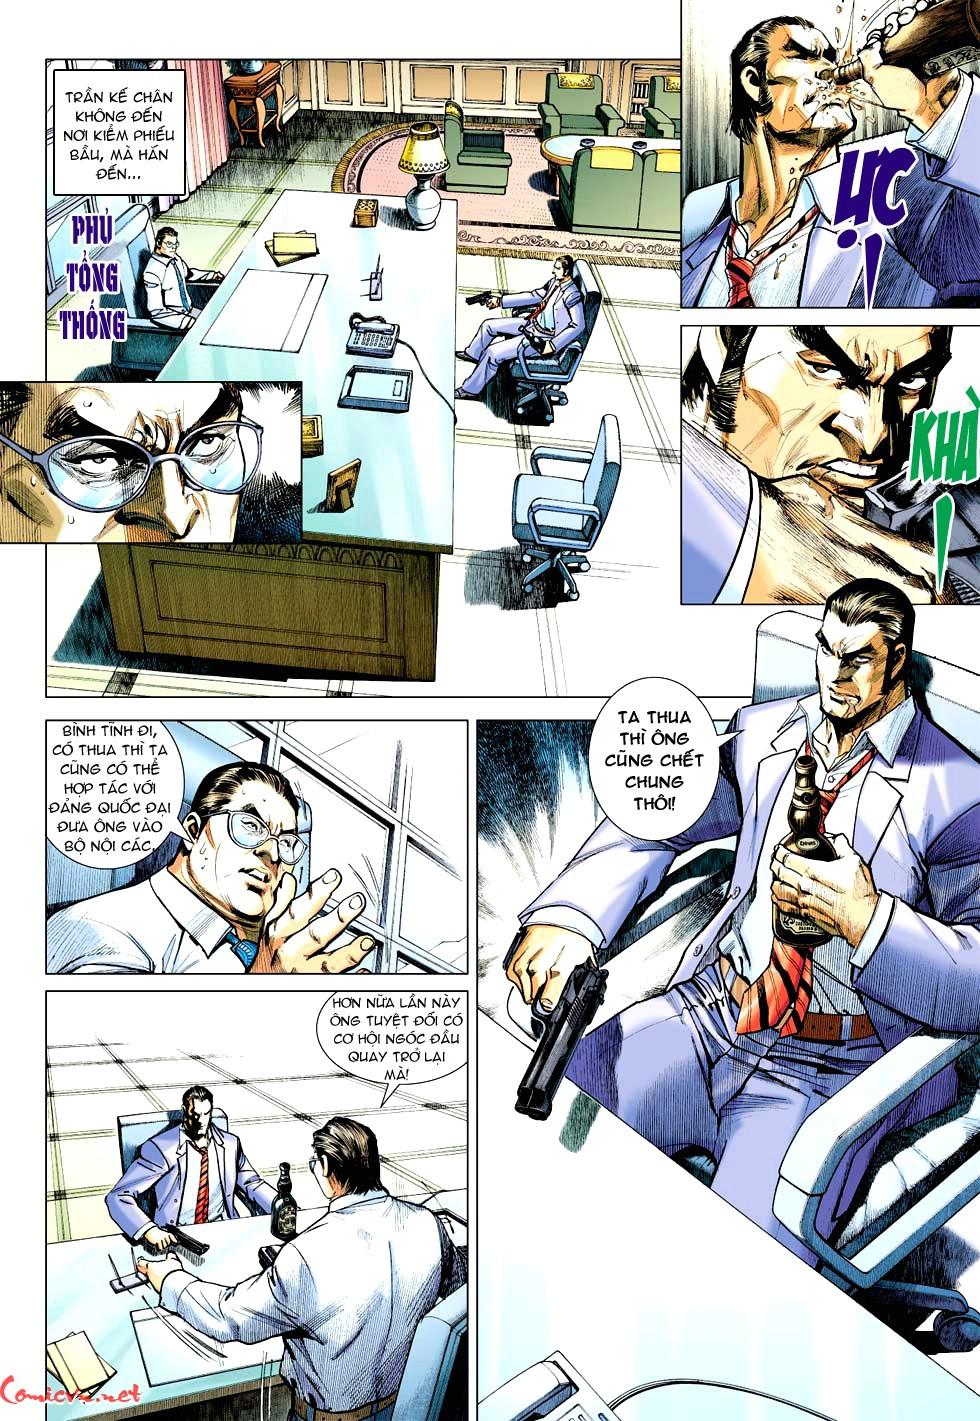 Vương Phong Lôi 1 chap 32 - Trang 23